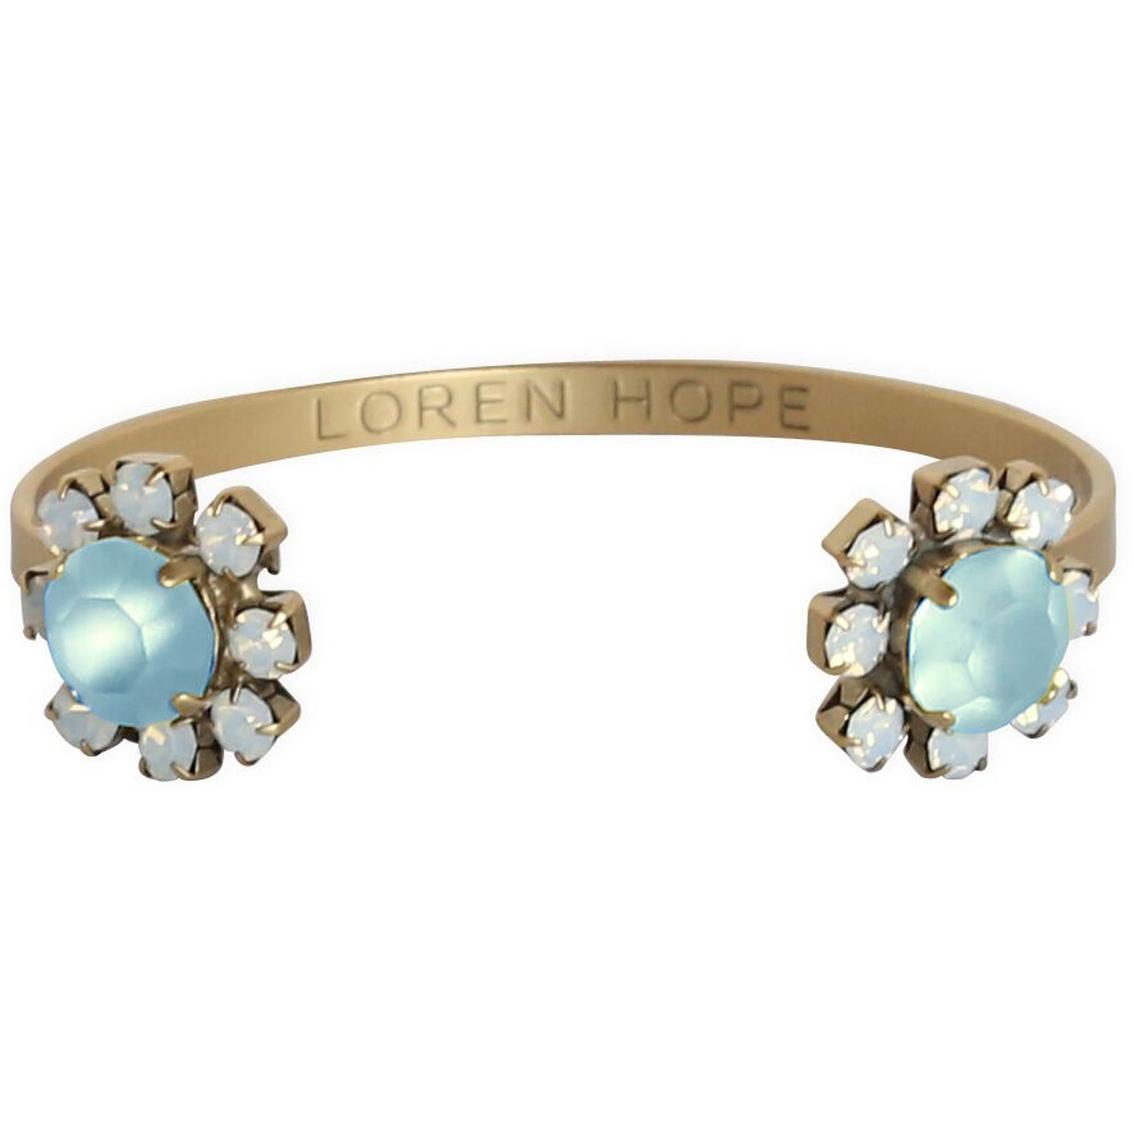 Loren Hope Daisy Cuff Bracelet